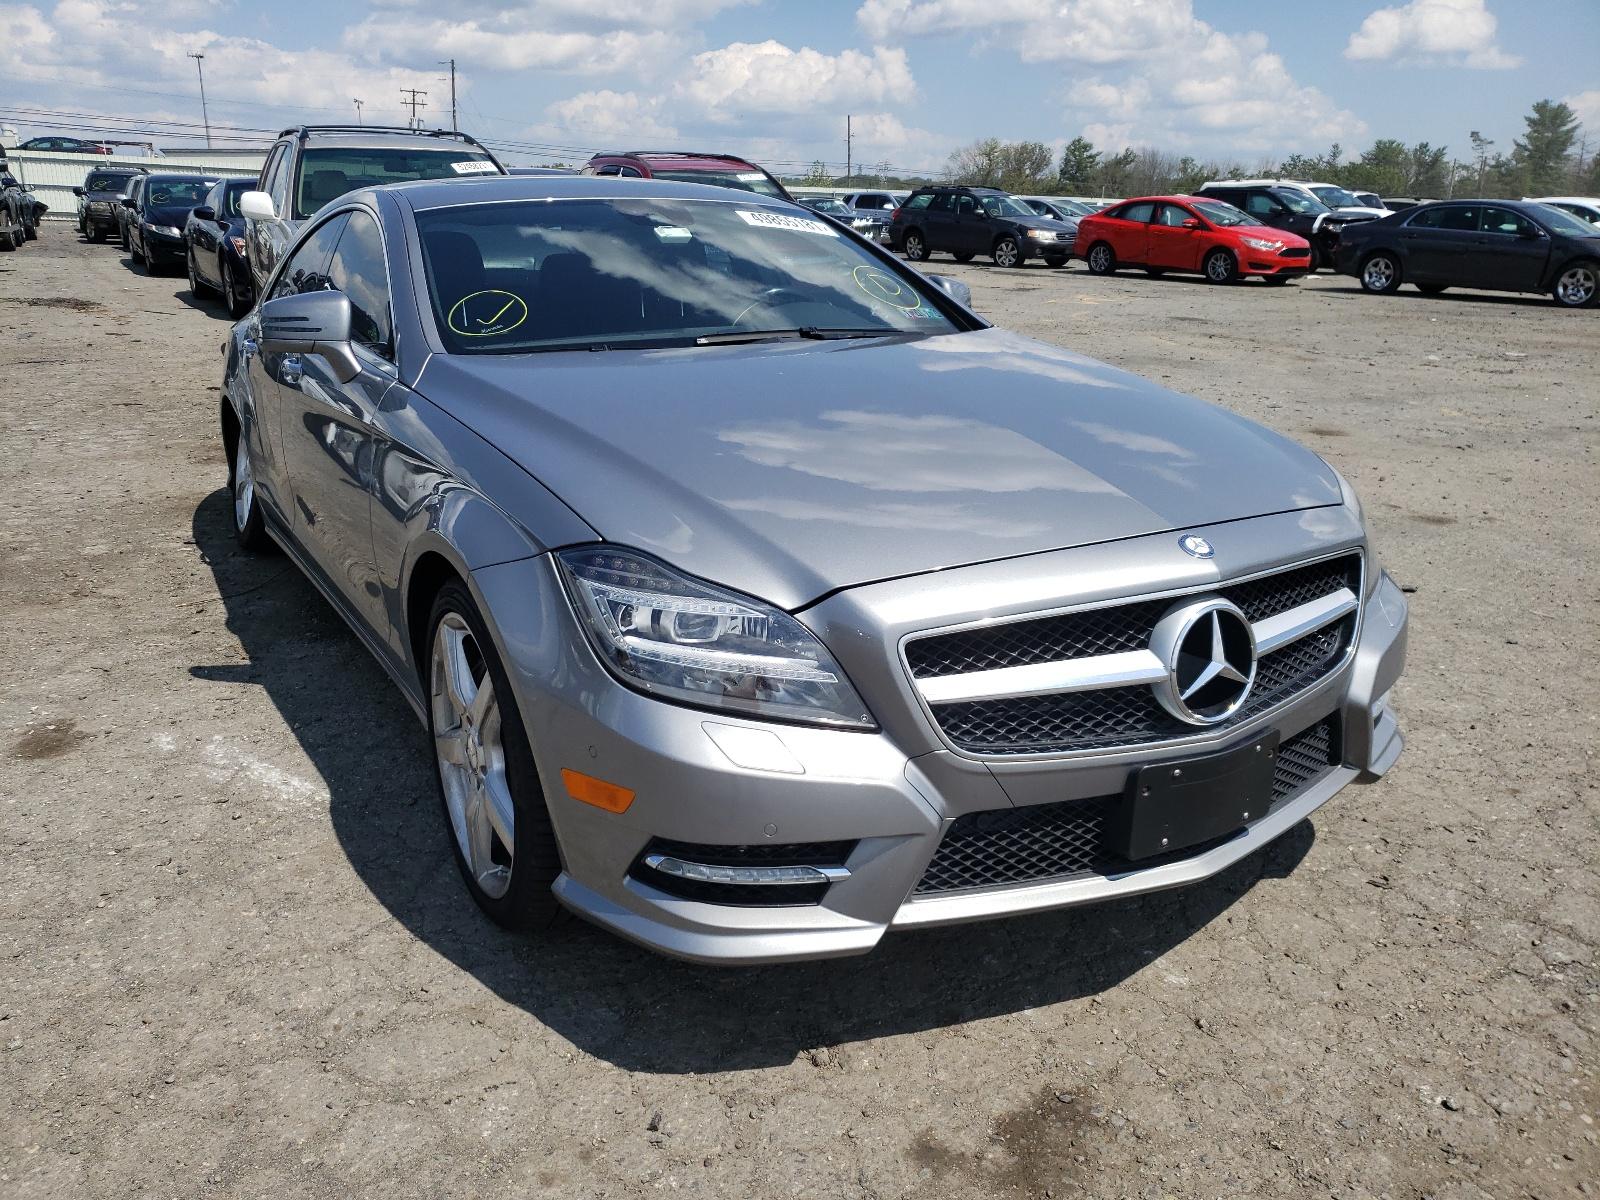 Mercedes-Benz CLS 550 2014